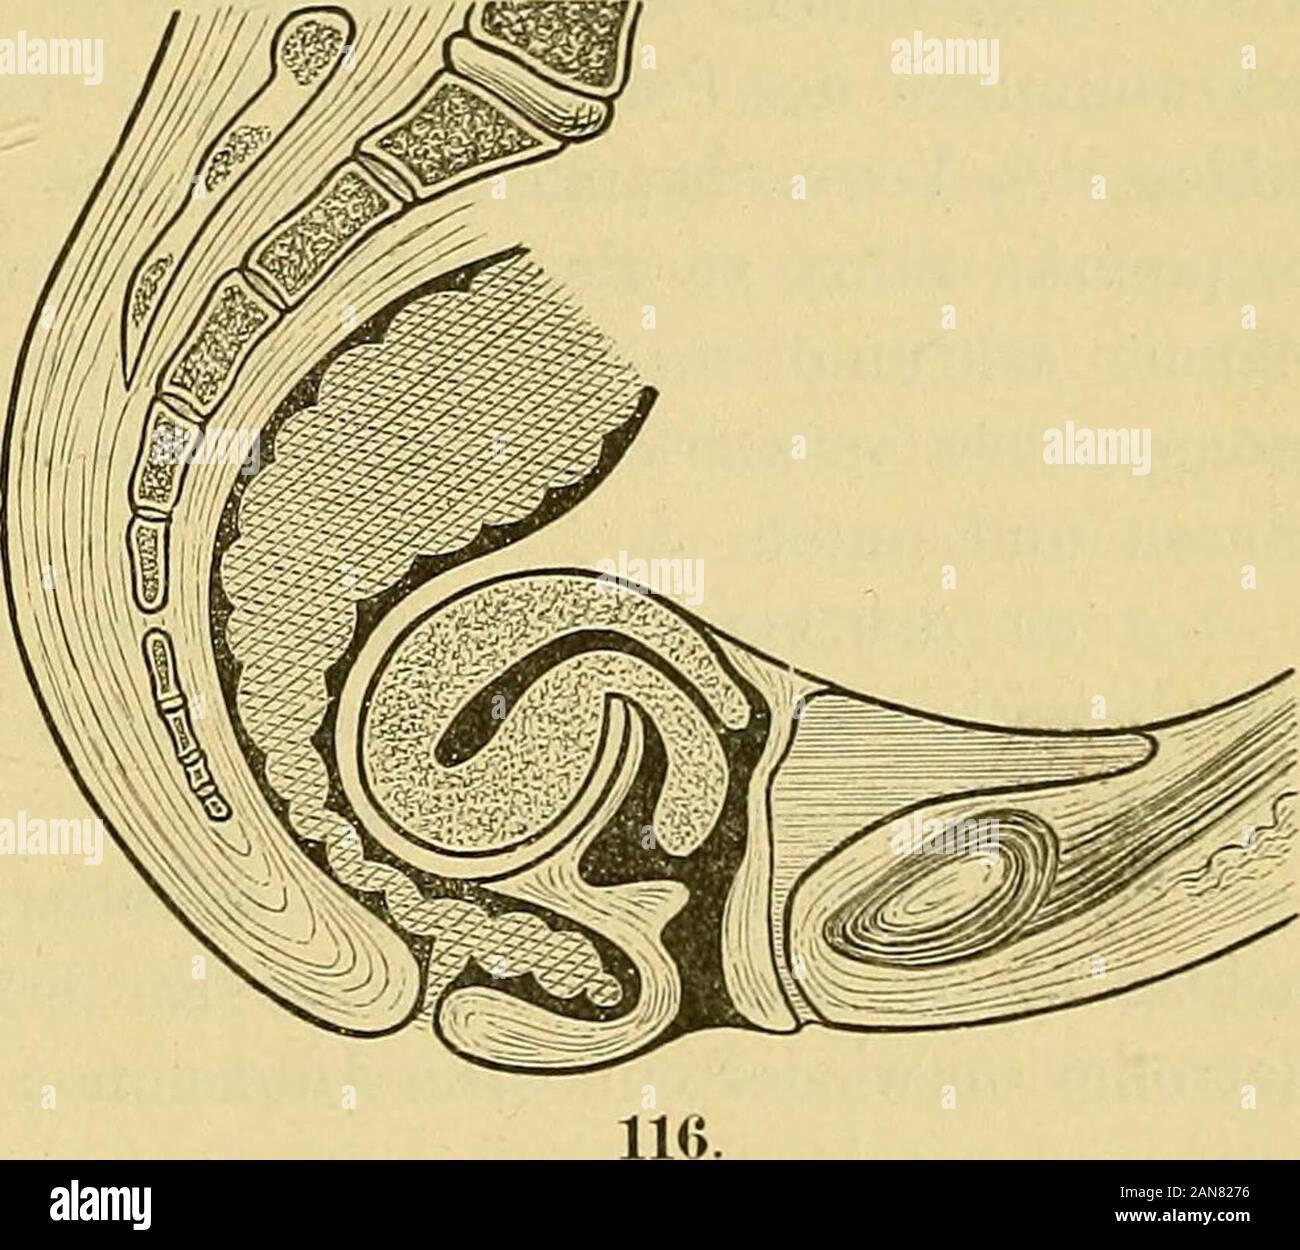 Gebärmutter nach hinten gekippt welche stellung